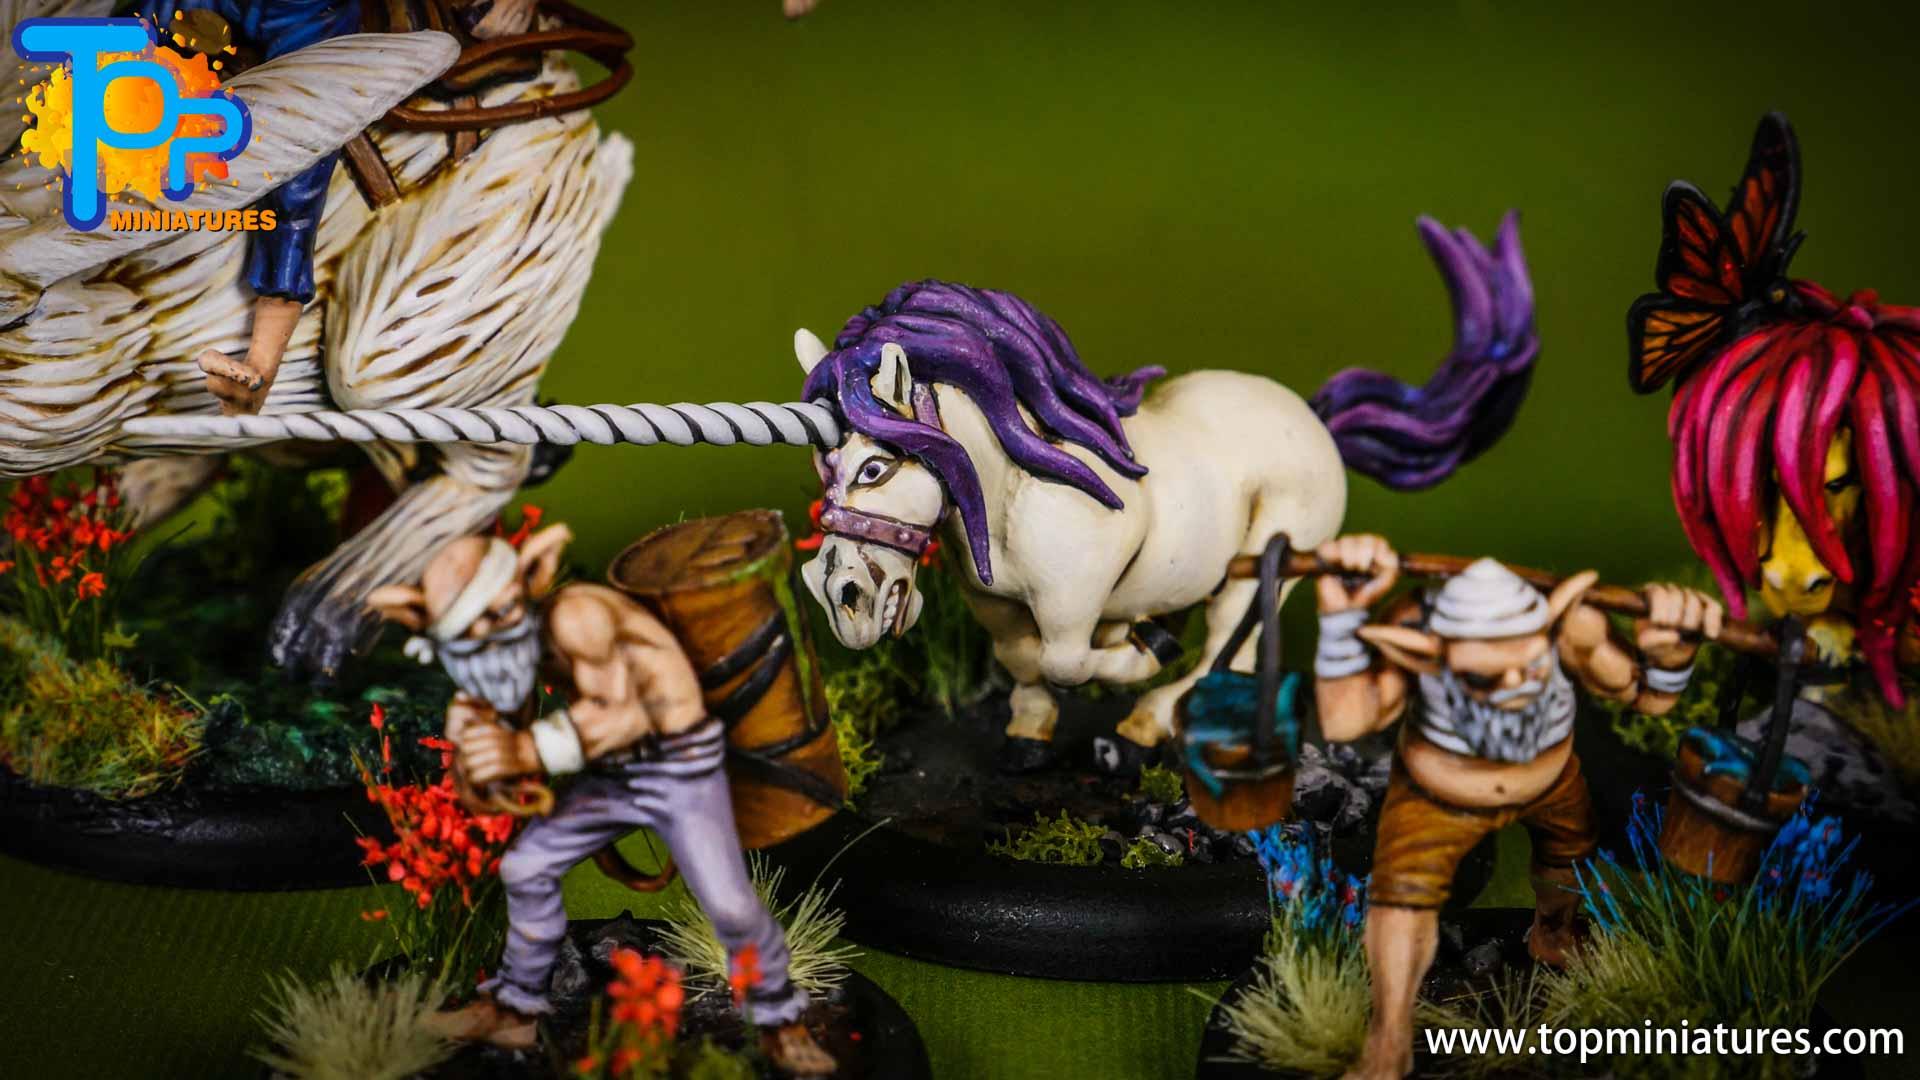 malifaux Unicorn vomit & pixie farts (3)